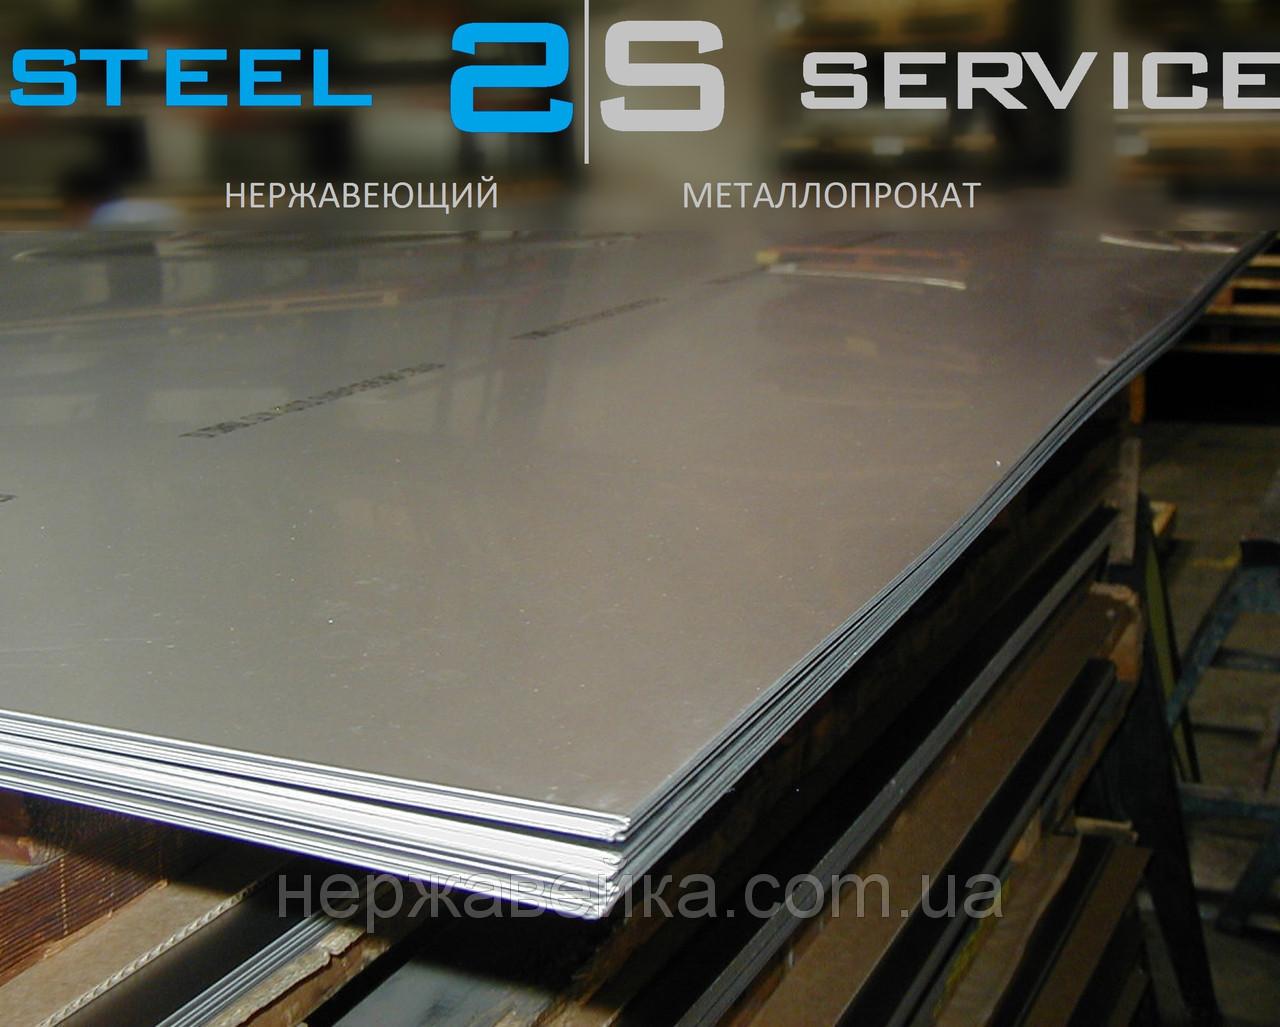 Нержавеющий лист 0,8х1250х2500мм  AISI 310(20Х23Н18) 2B - матовый,  жаропрочный